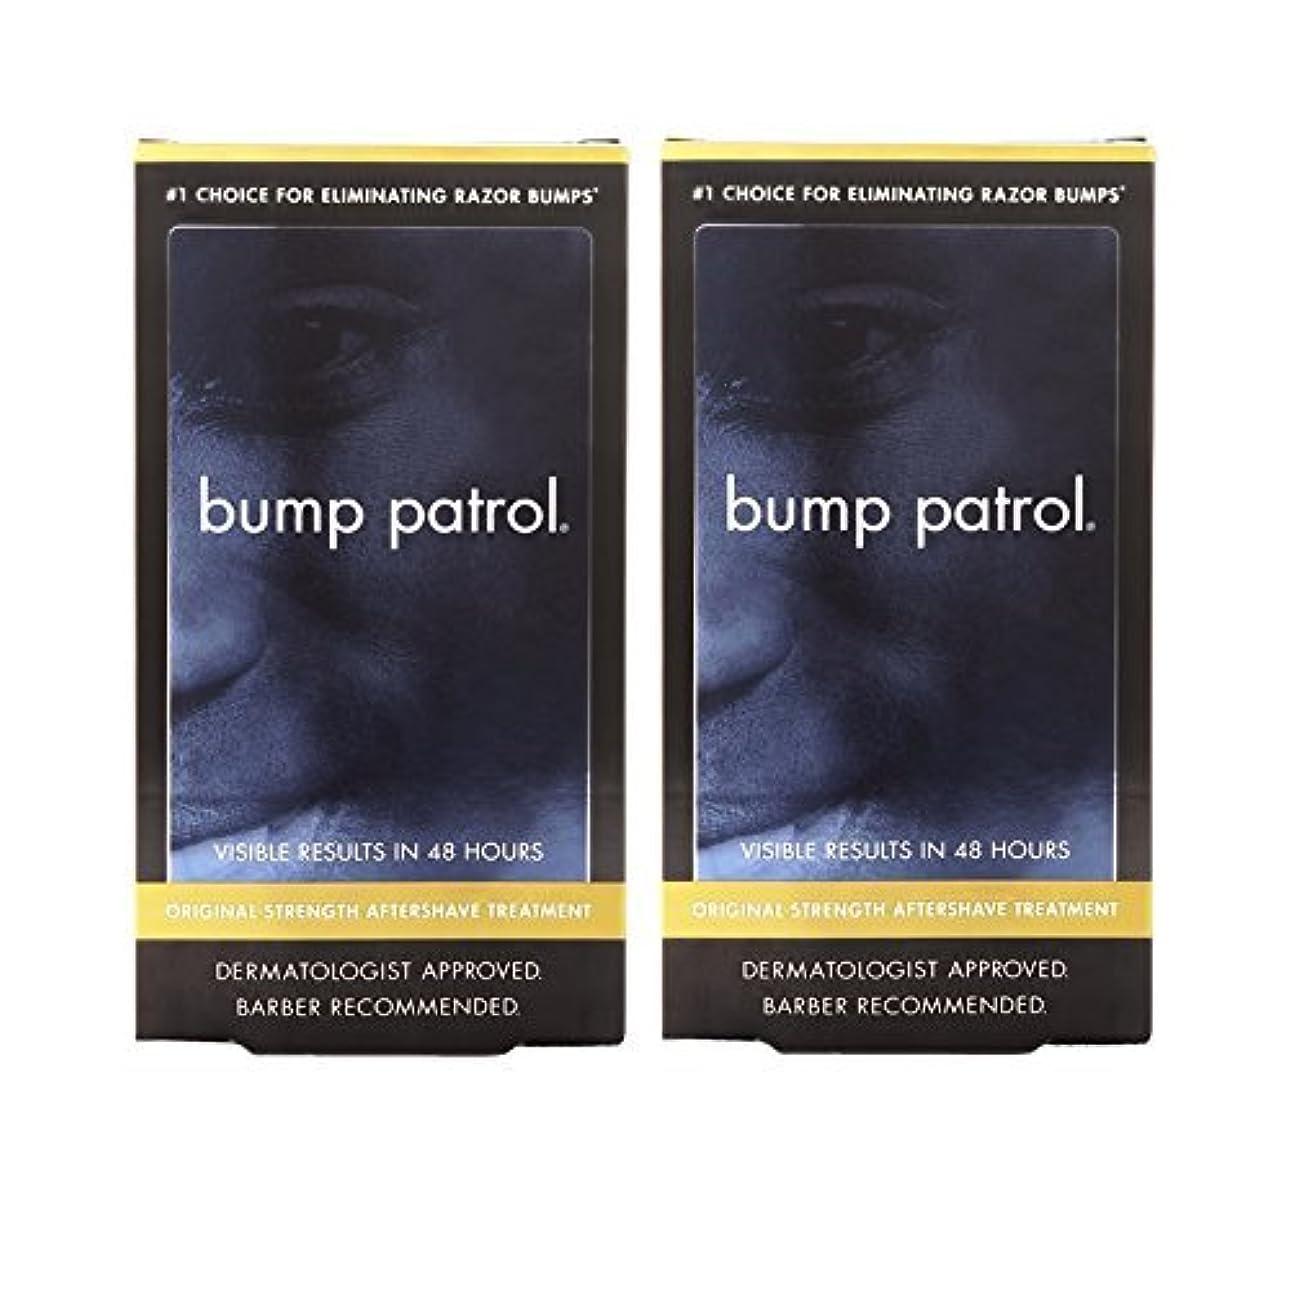 座標宴会タイマーBump Patrol Dermatologist Approved Original Strength Aftershave Treatment (2 oz) 2 Pack [並行輸入品]